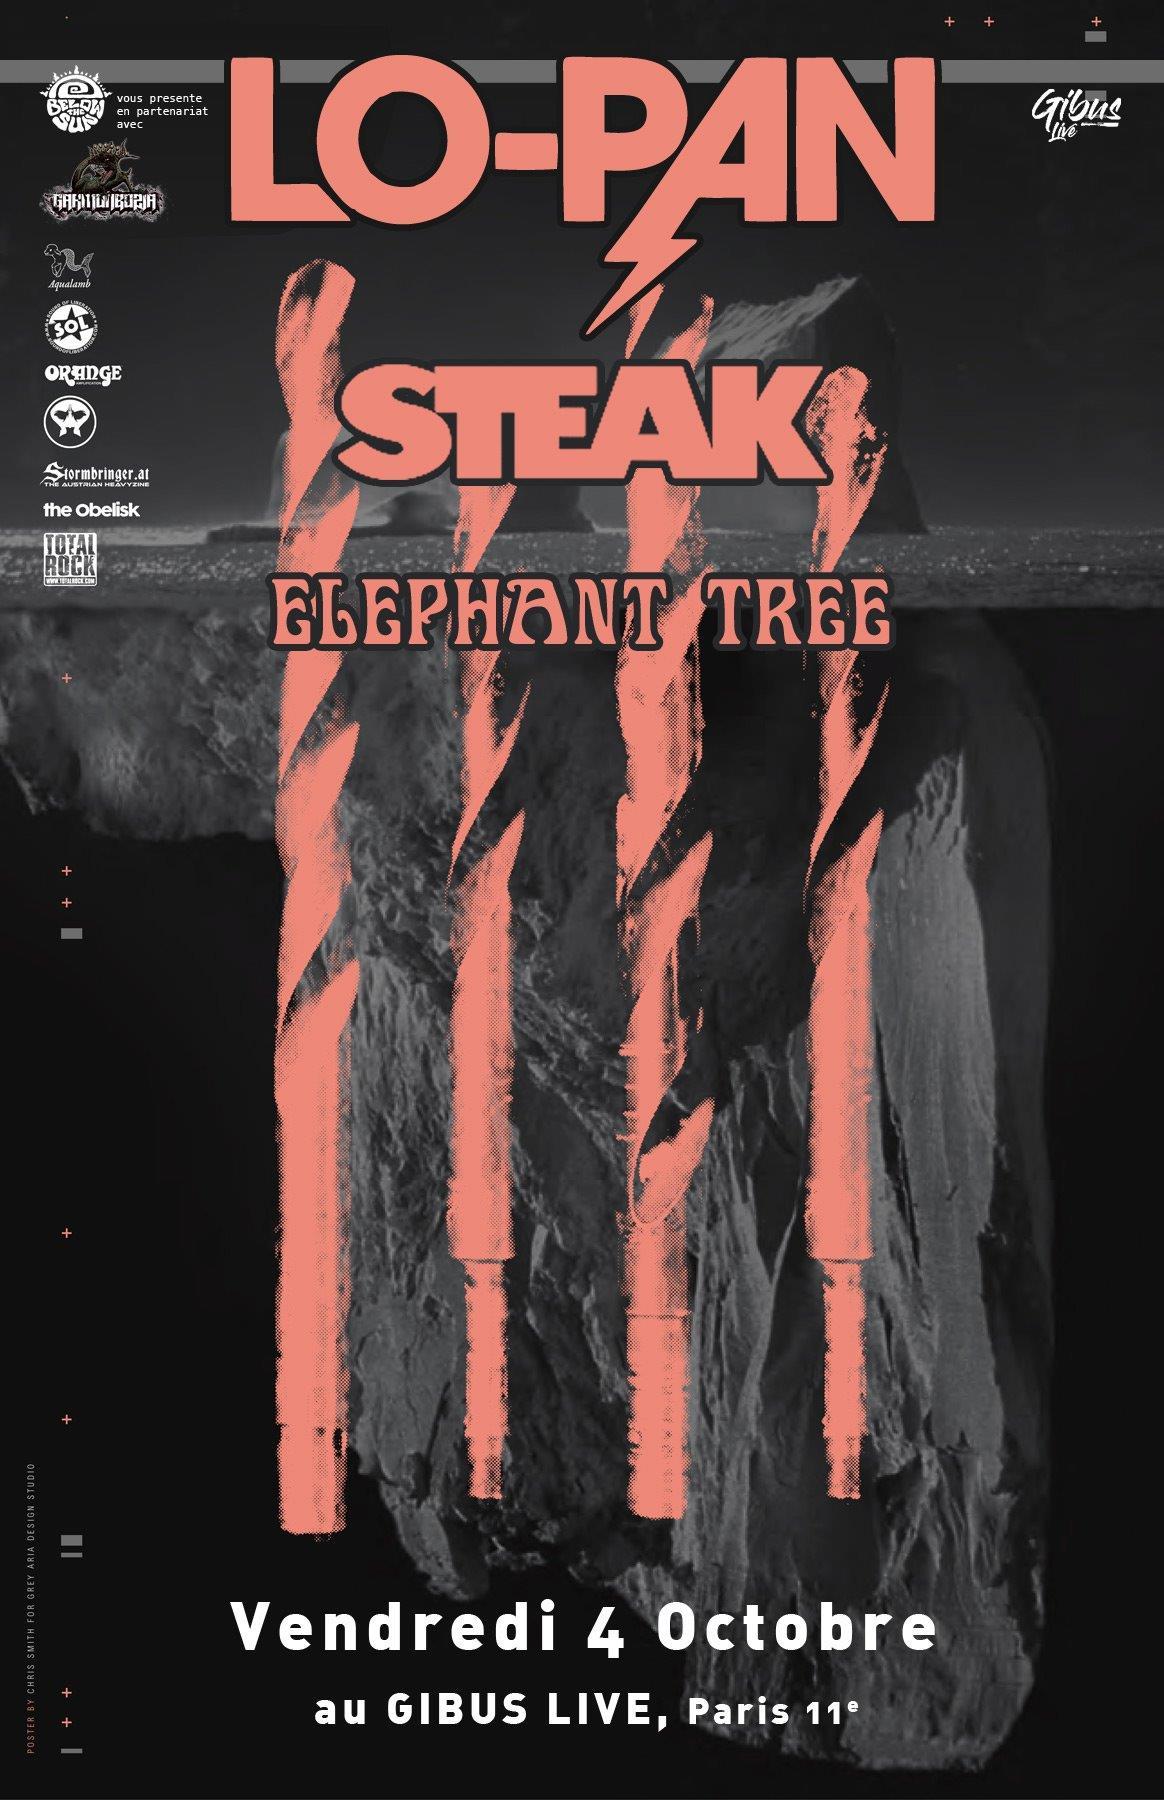 Lo-Pan + Steak + Elephant Tree @ Gibus (Paris), le 4 Octobre 2019